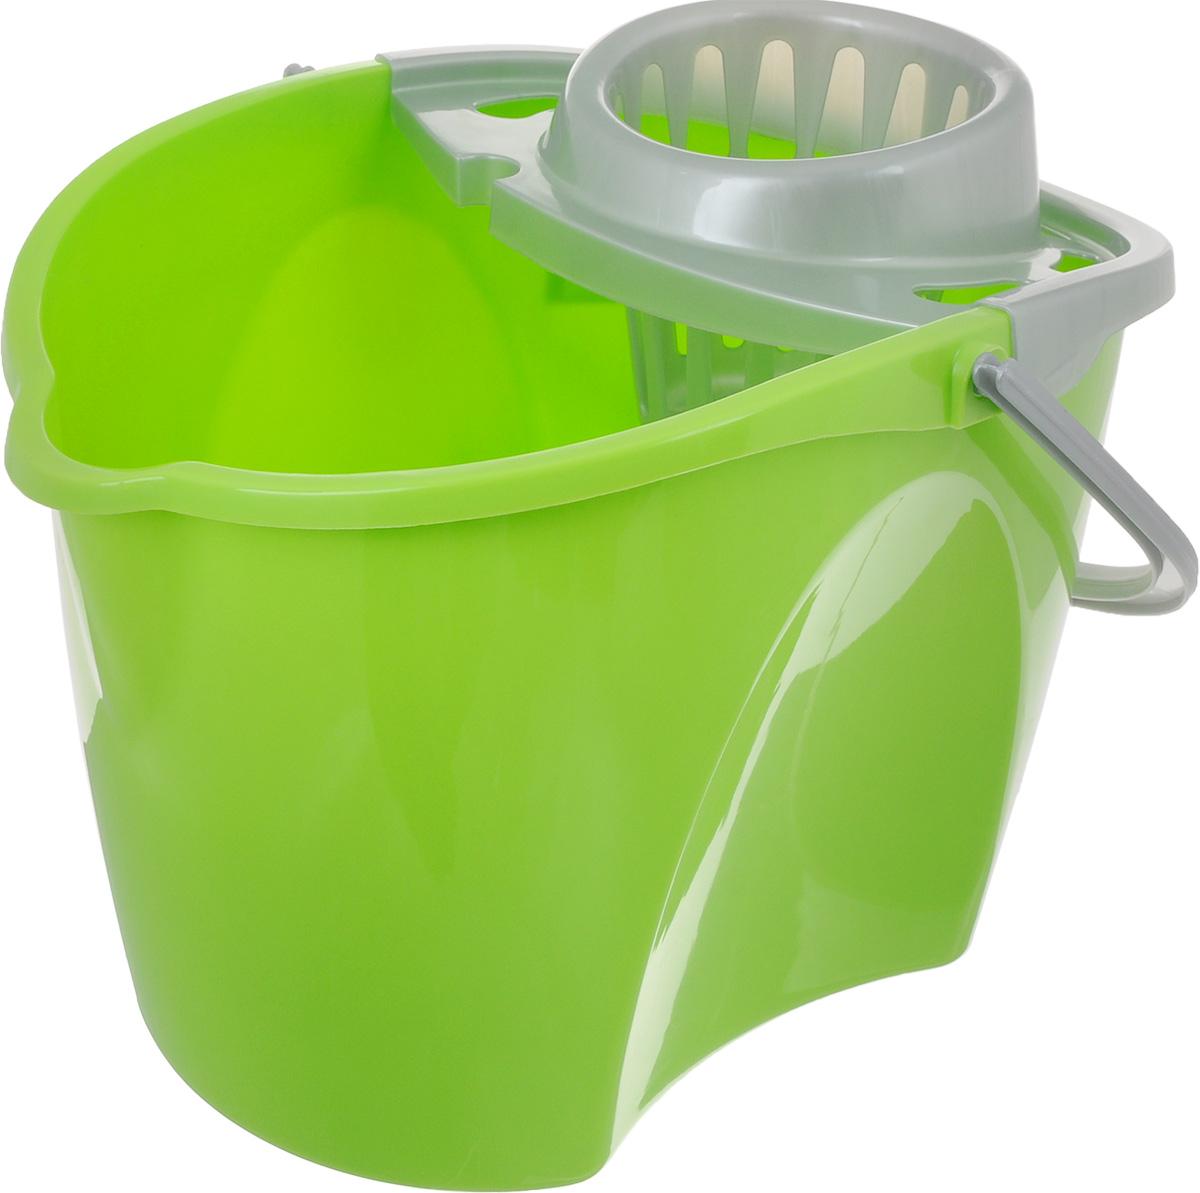 Ведро Paclan Green Mop с отжимом, 12 л пакет paclan для приготовленияльда шарики